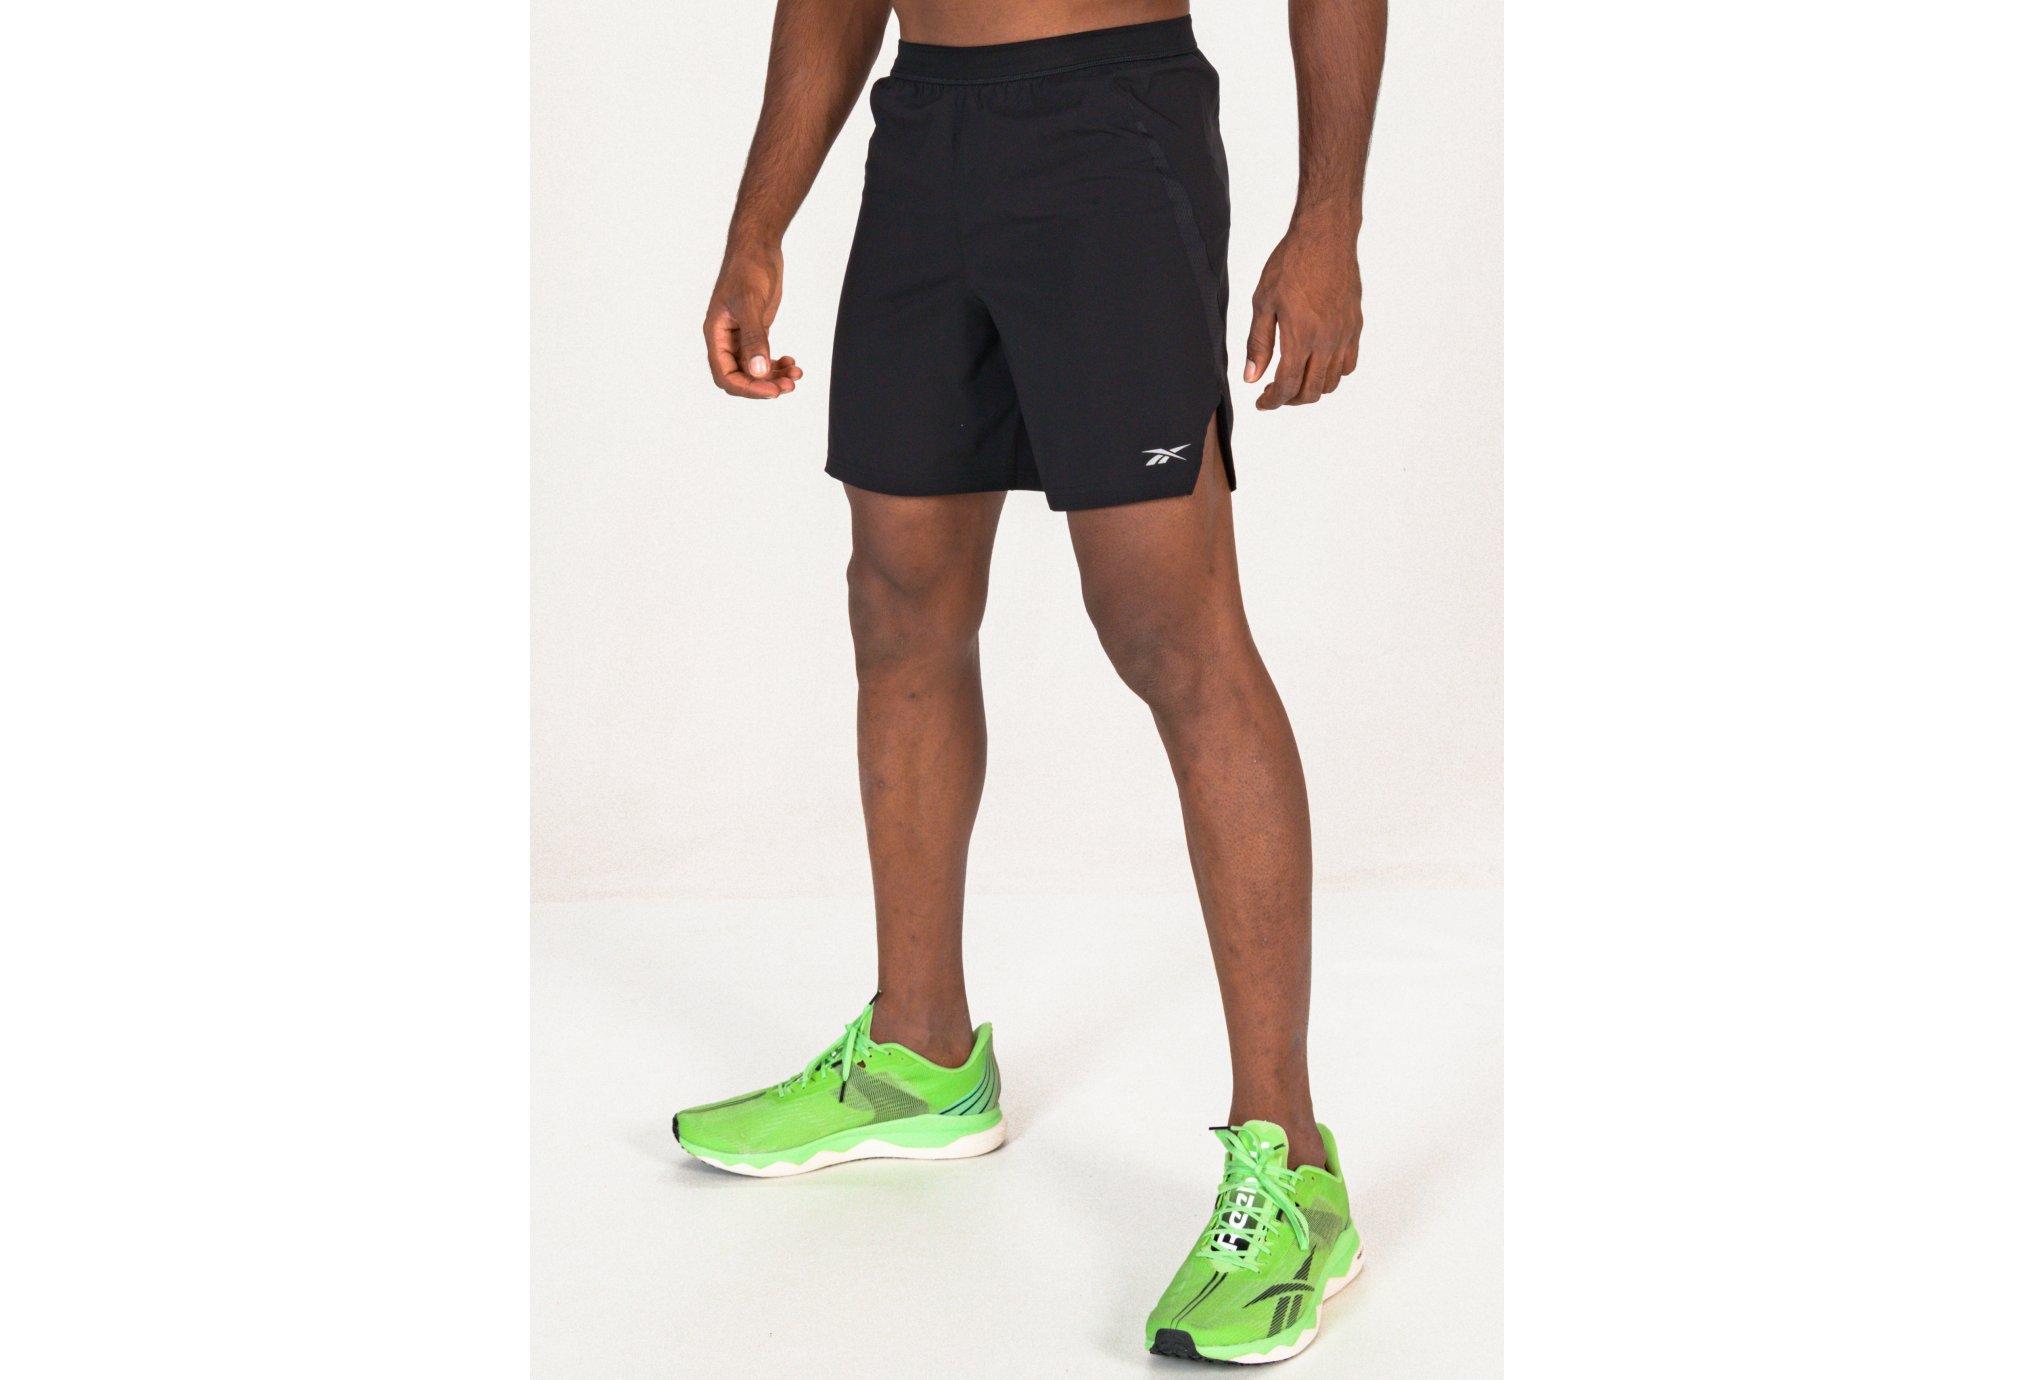 Reebok Running Woven M vêtement running homme